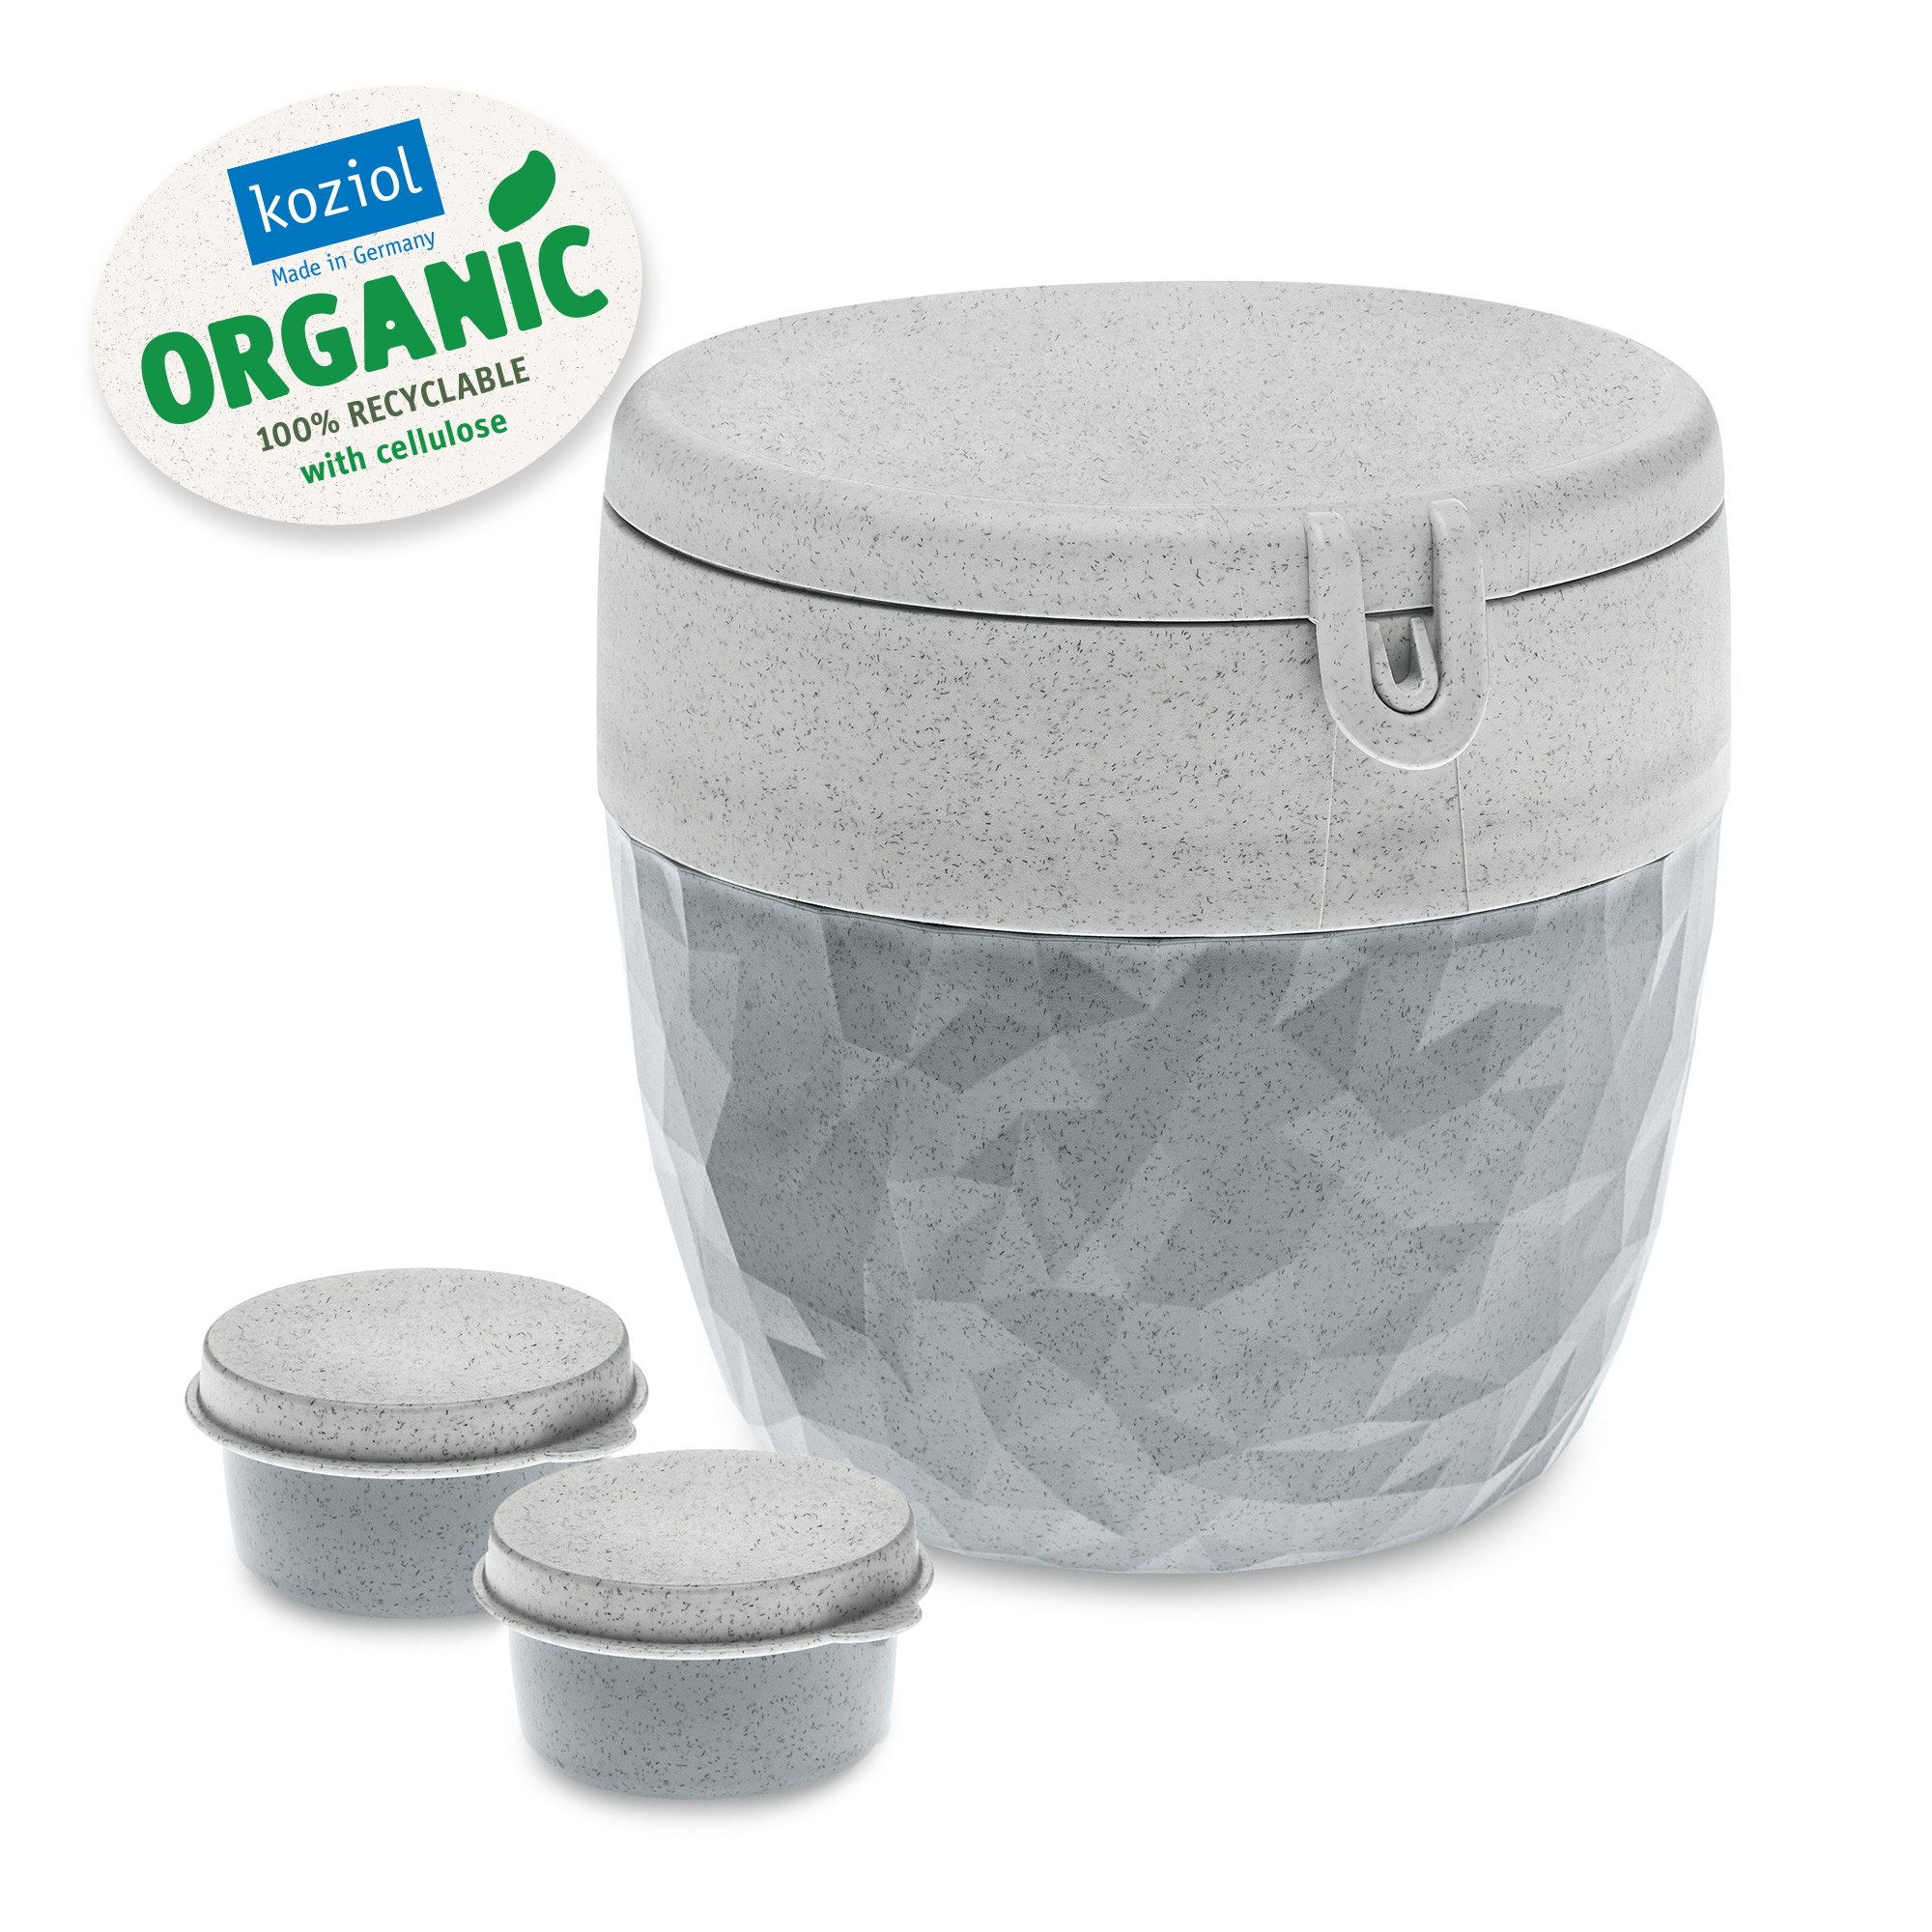 Koziol Box für Speisen als nachhaltiges Mehrwegartikel